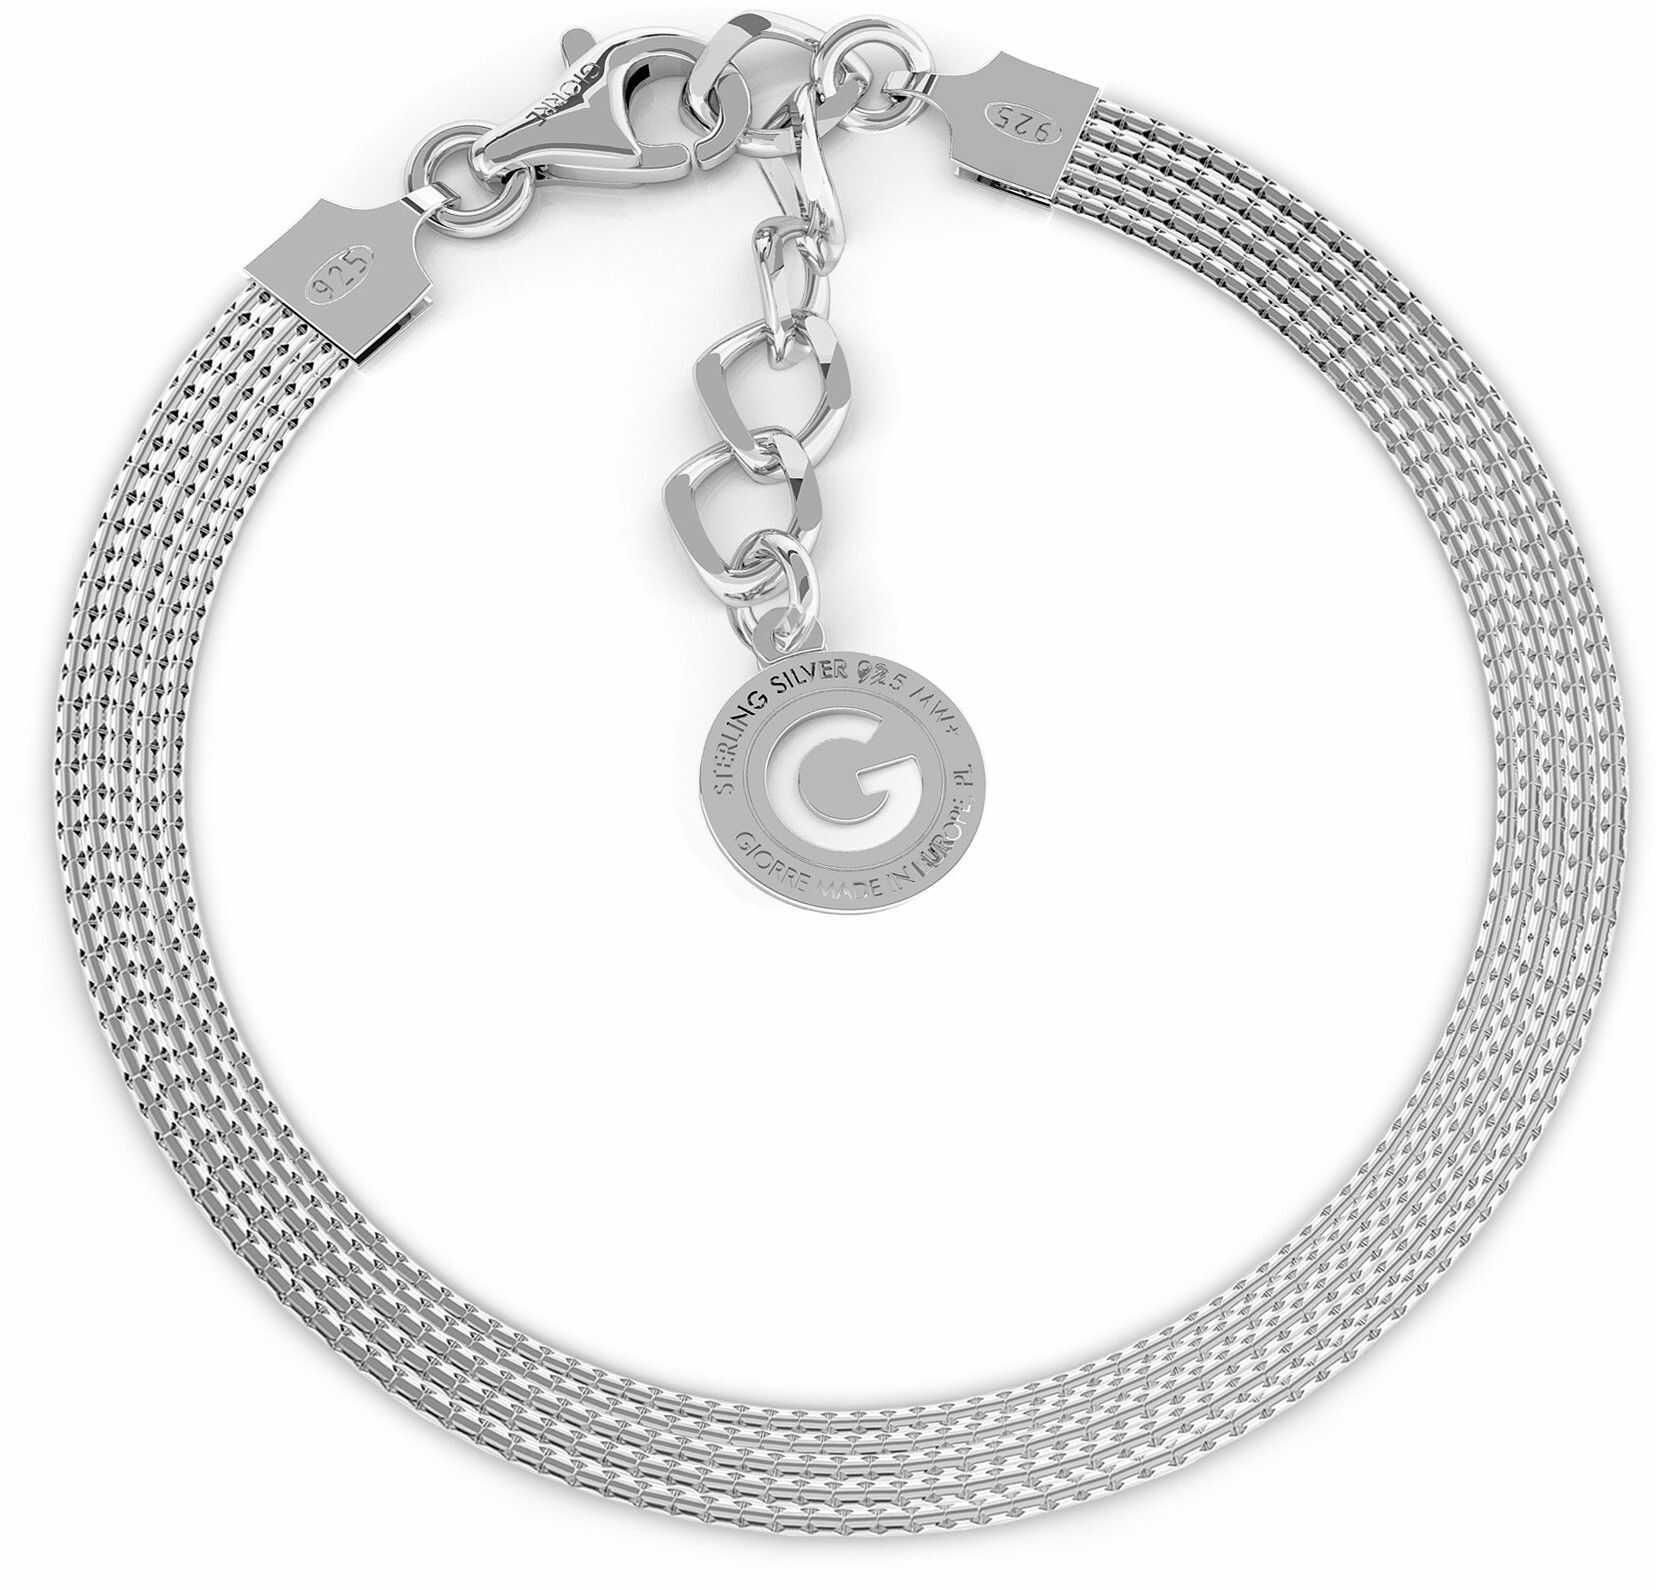 Srebrna bransoletka z 5 łańcuszków, srebro 925 : Srebro - kolor pokrycia - Pokrycie platyną